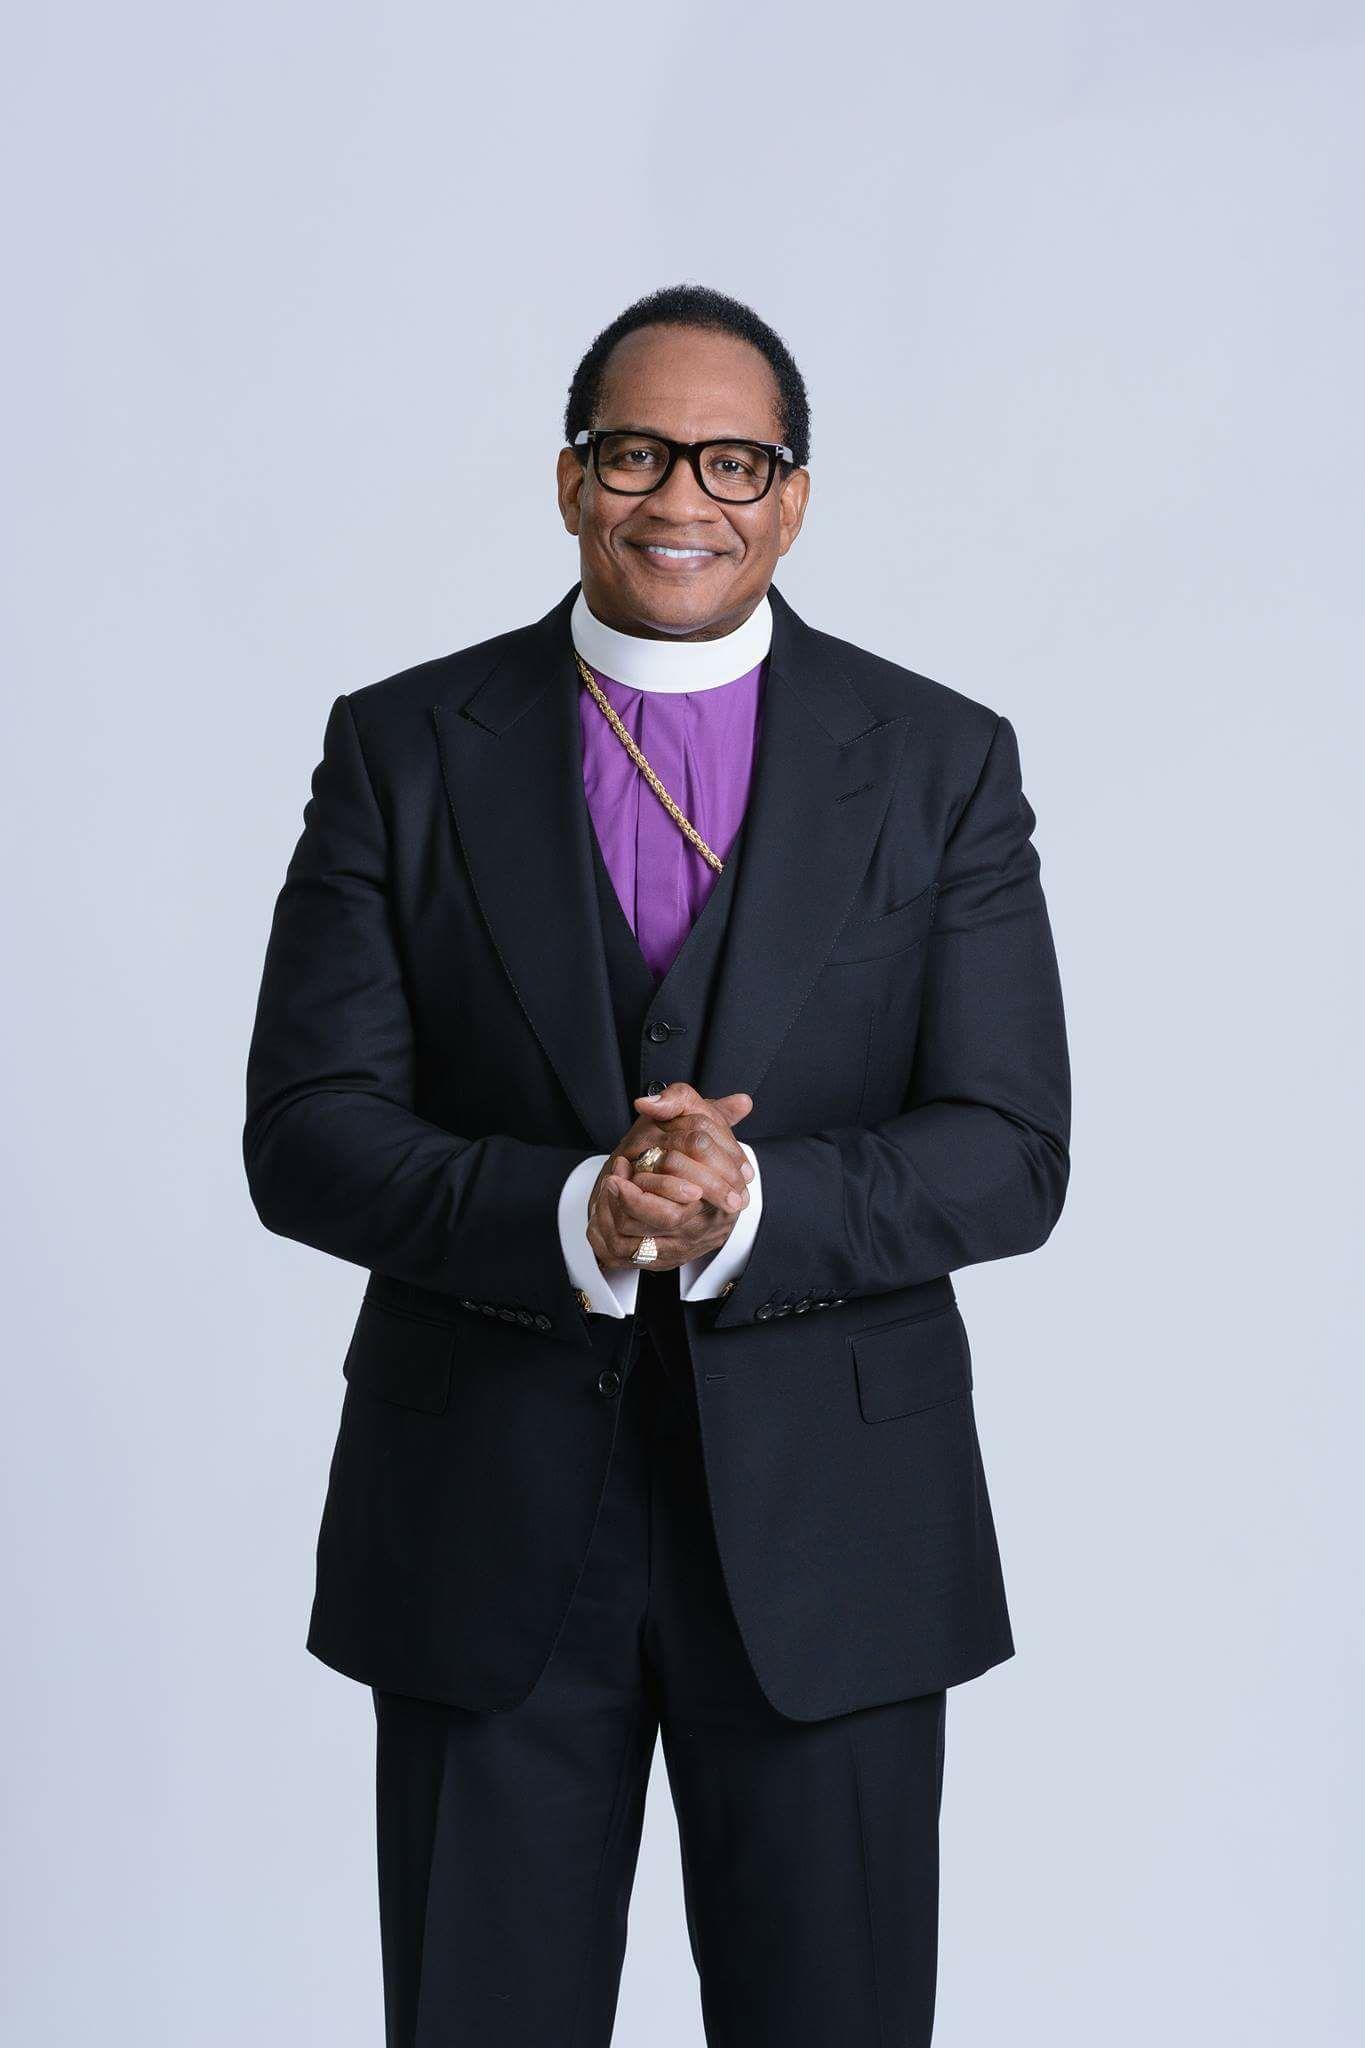 Bishop Patrick L Wooden Sr